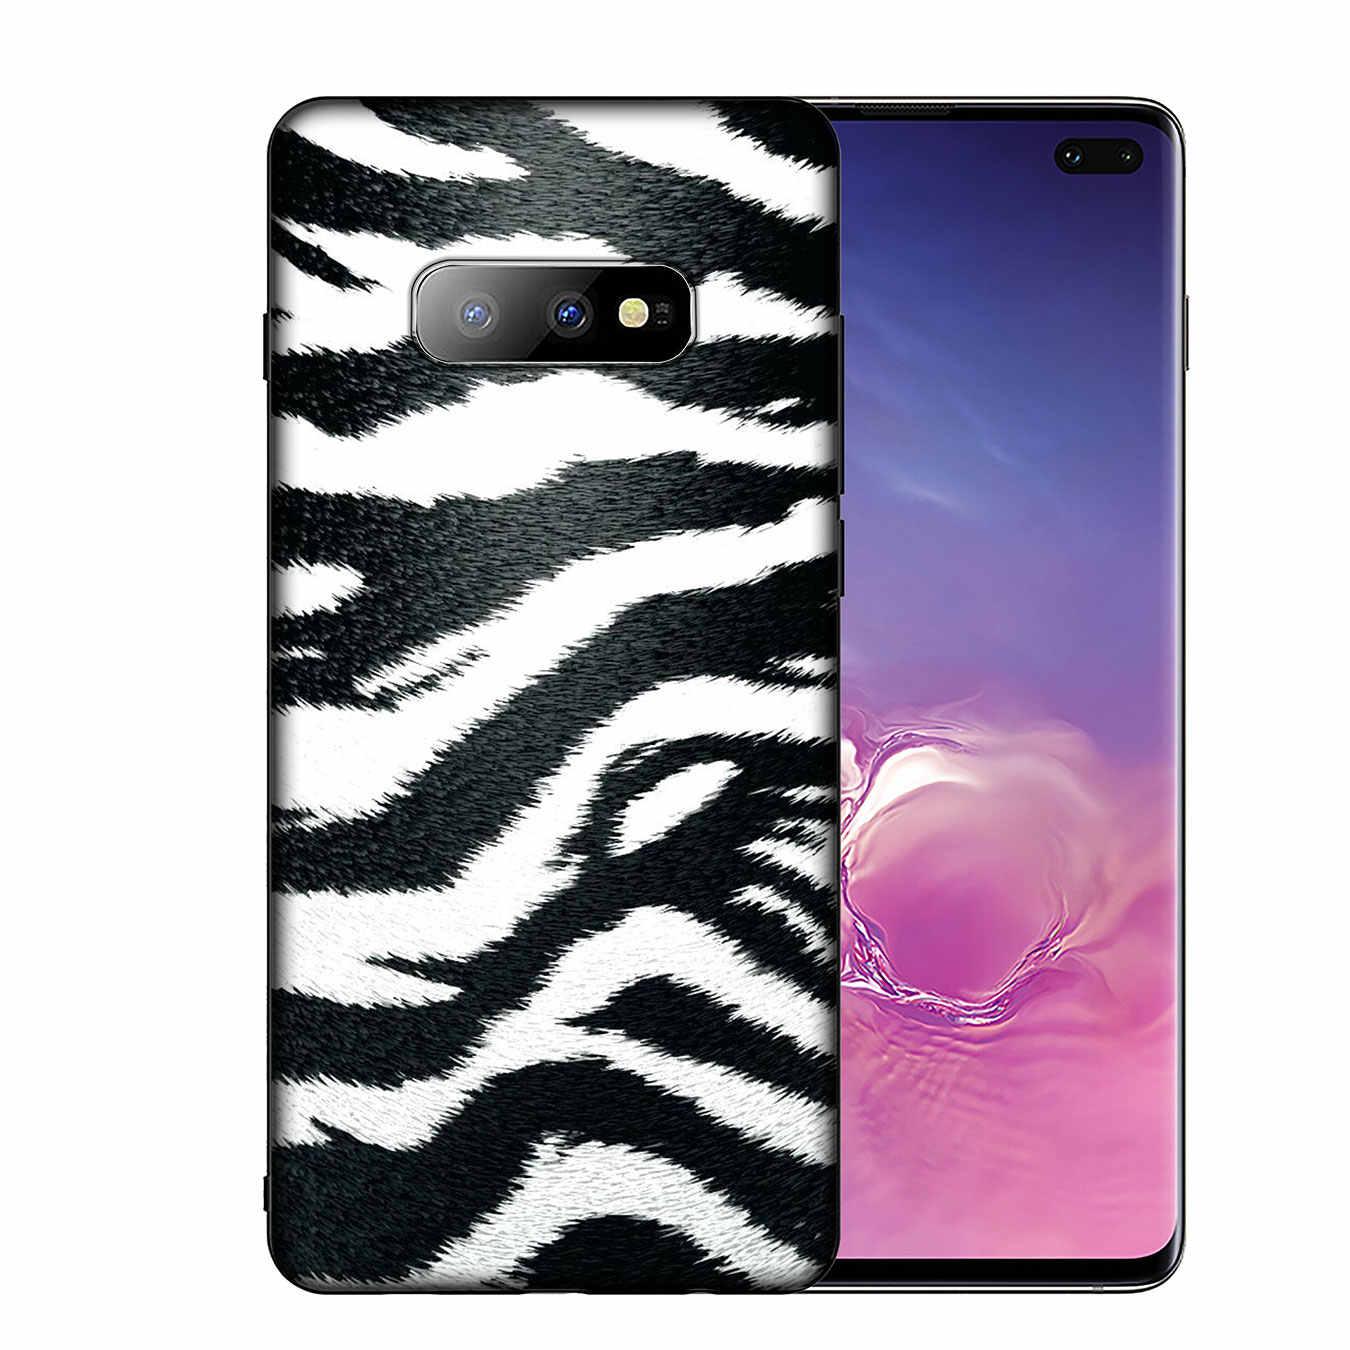 IYICAO נחש עור DIY נמר ציור רך סיליקון טלפון Case לסמסונג גלקסי S10 E S9 S8 בתוספת S6 S7 קצה S10e שחור כיסוי